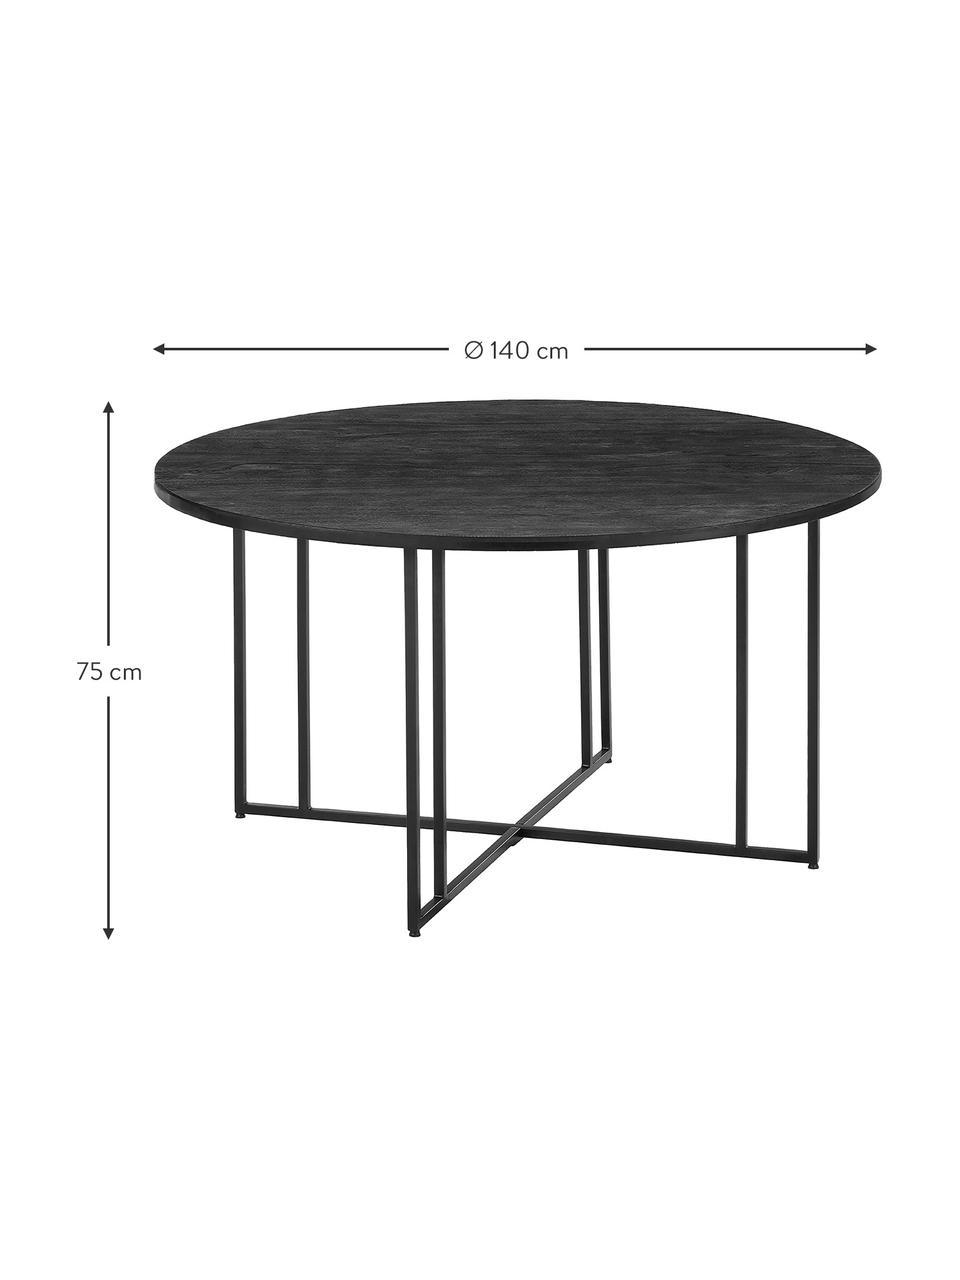 Okrągły stół do jadalni z litego drewna Luca, Blat: lite drewno mangowe, szcz, Stelaż: metal malowany proszkowo, Blat: drewno mangowe, czarny lakierowany Stelaż: czarny, matowy, Ø 120 x W 75 cm